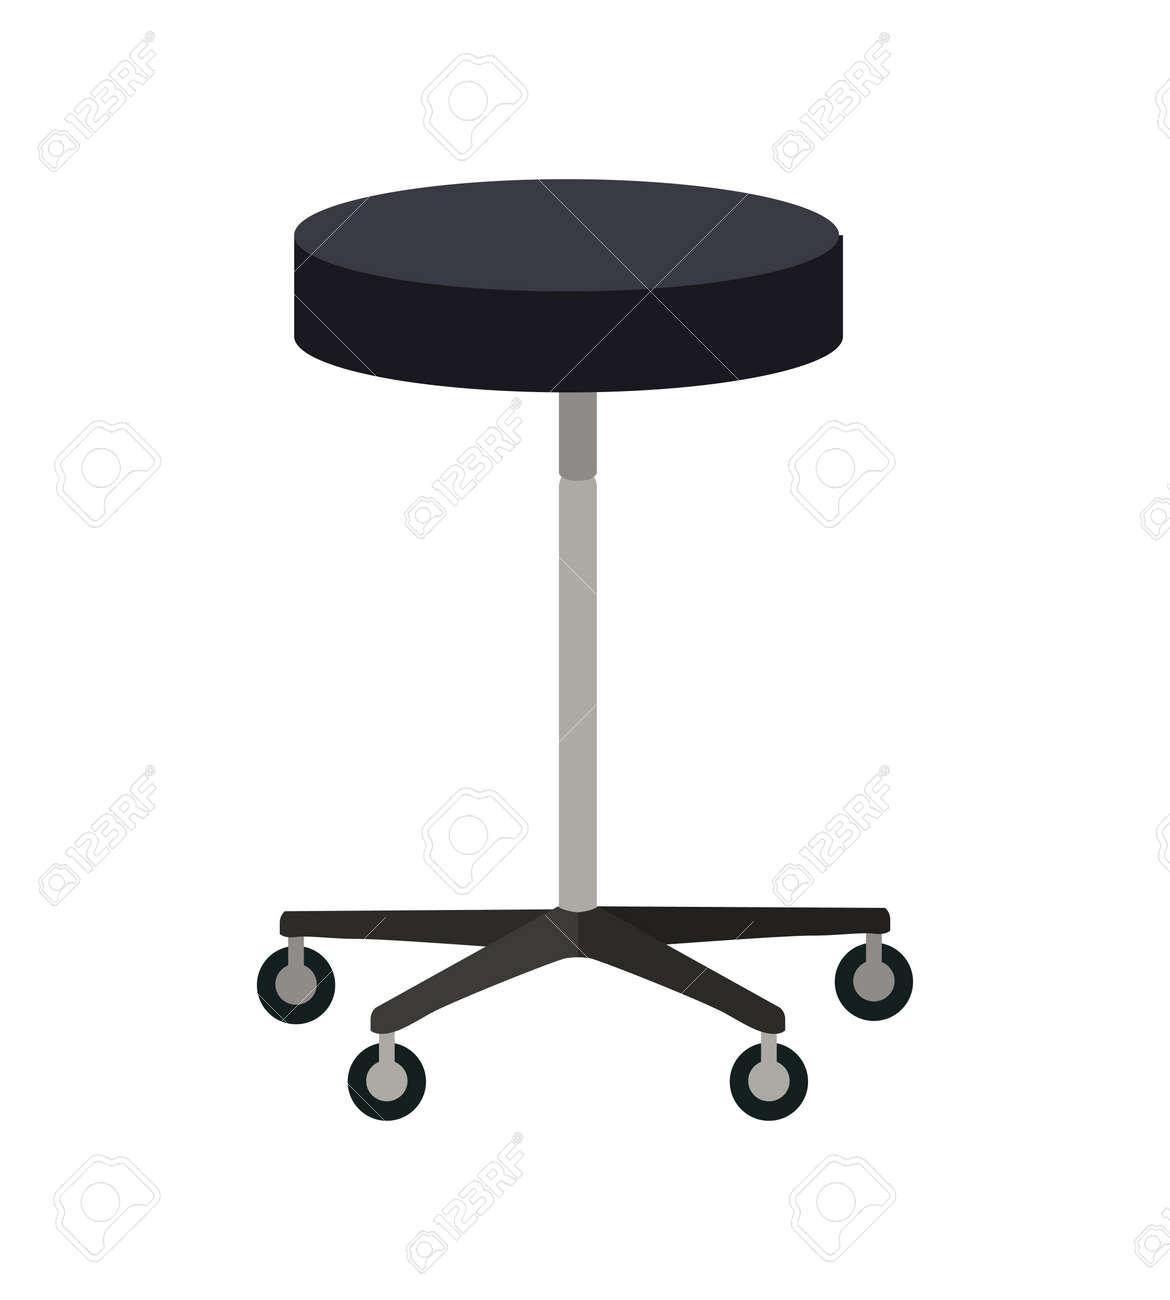 Hocker Auf Rädern Vektor. Flaches Design. Einfache Rund Stuhl Mit ...